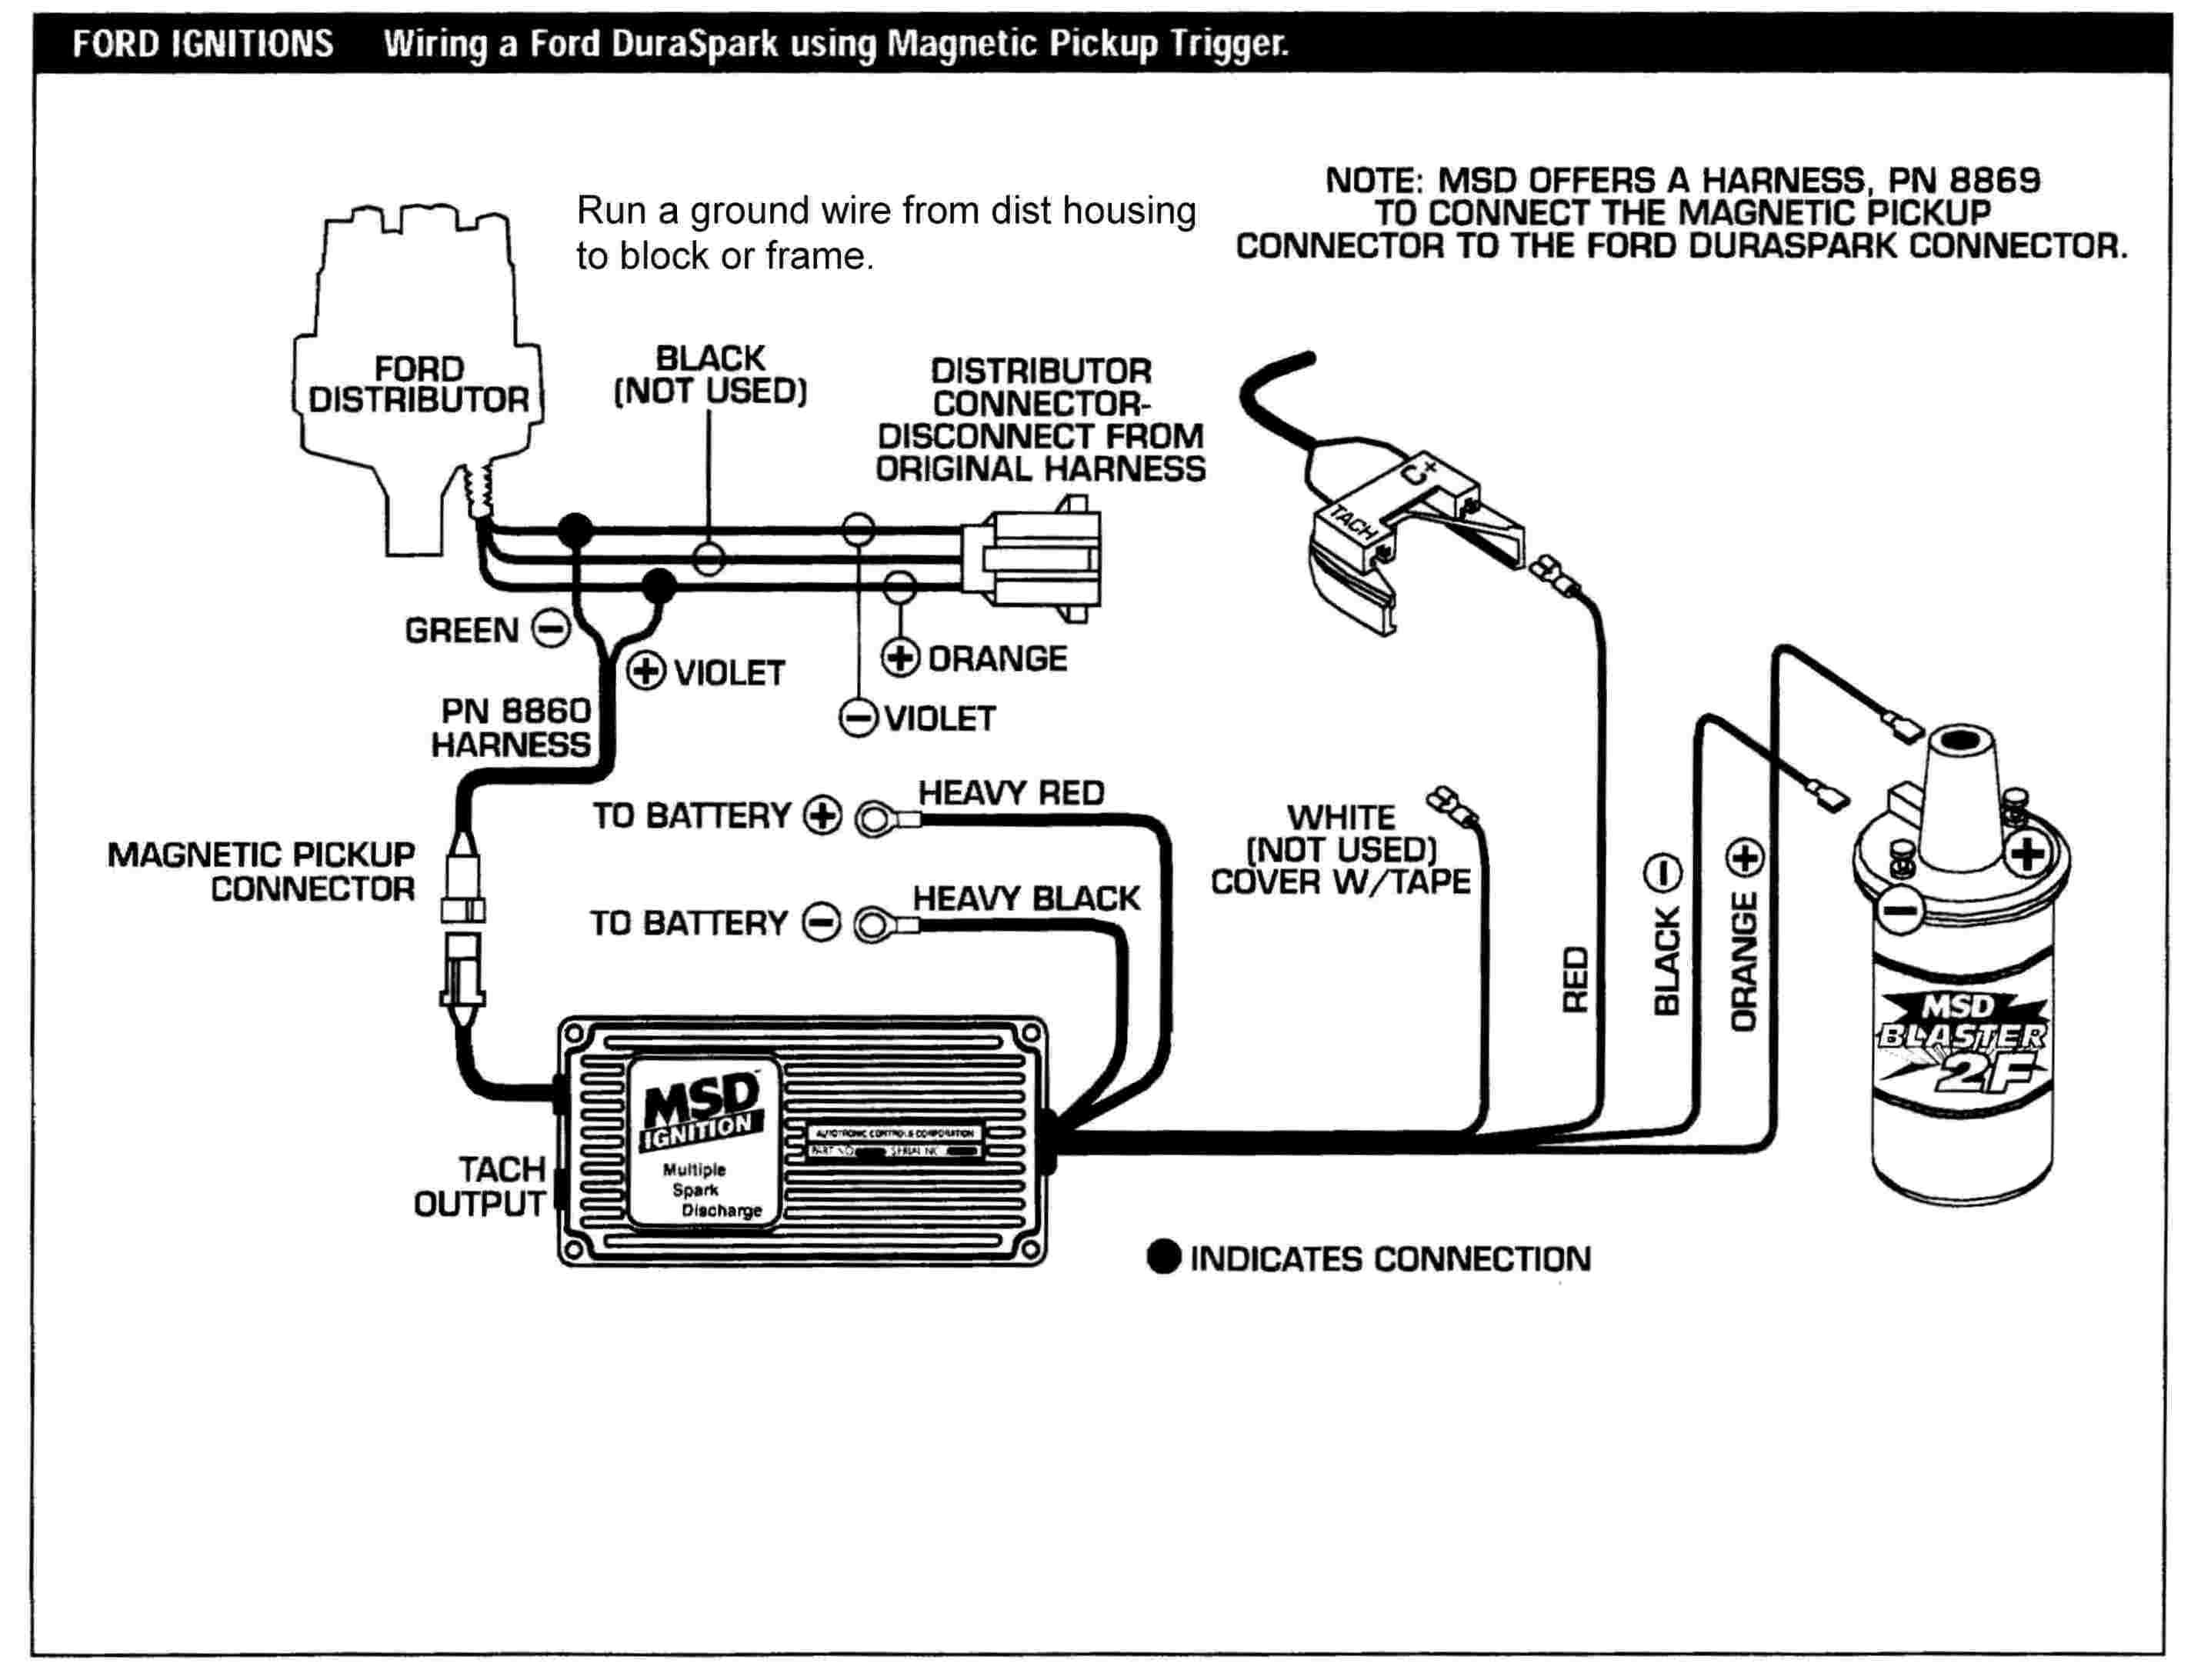 Ungewöhnlich Msd Verdrahtungsschema Fotos - Schaltplan Serie Circuit ...